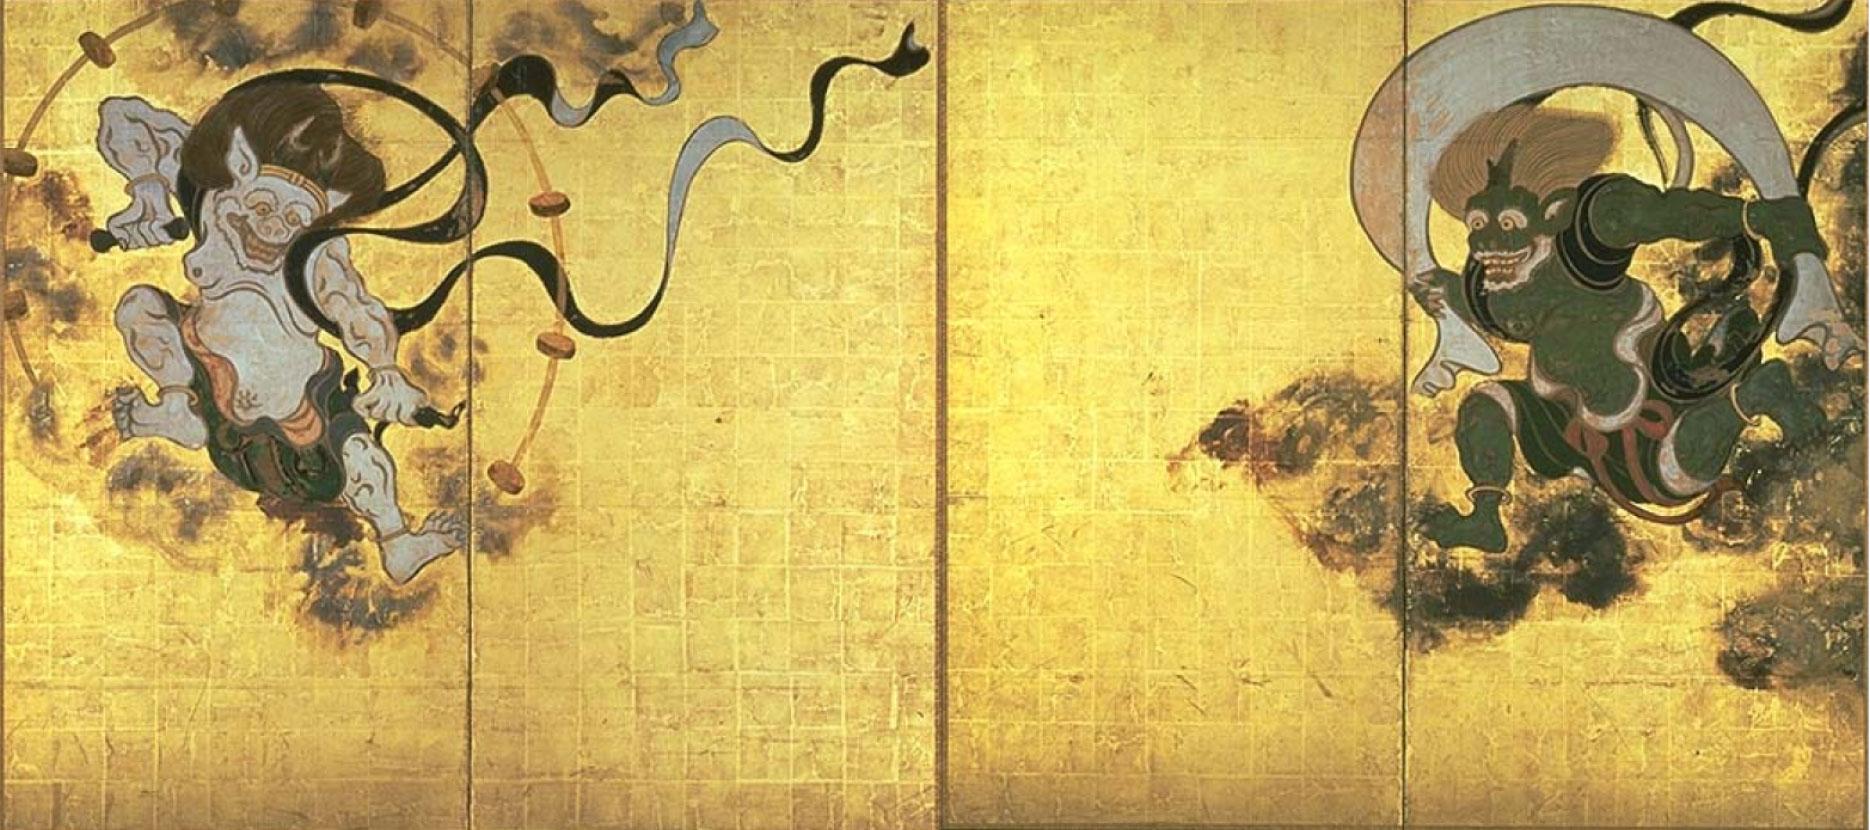 俵屋宗達(たわらやそうたつ)の最高傑作、国宝「風神雷神図屛風」 Fujinraijin-tawaraya